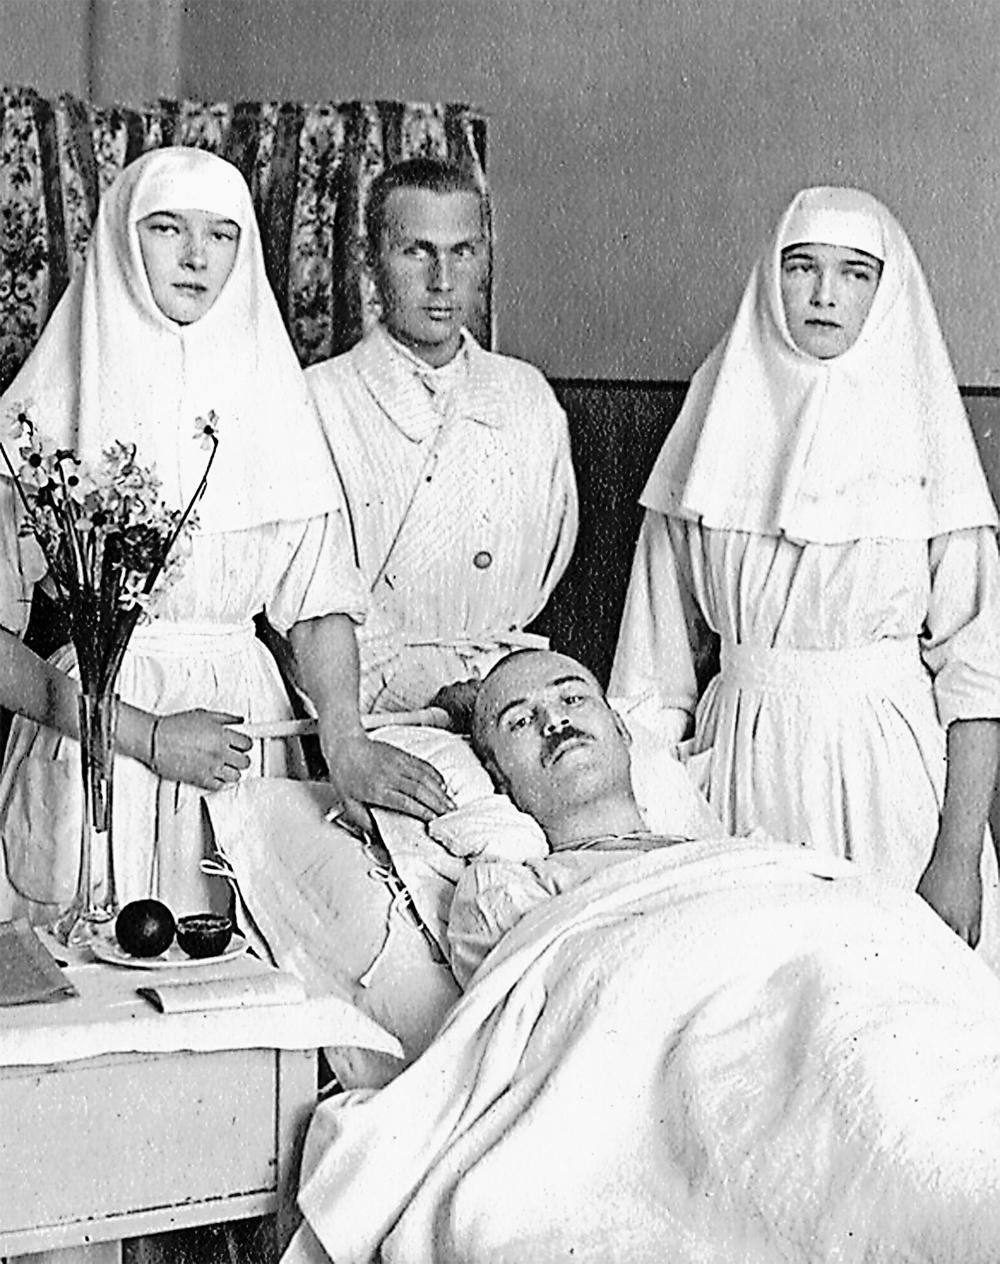 Великие княжны Ольга и Татьяна Романовы ухаживают за ранеными. Фото времён Первой мировой войны.